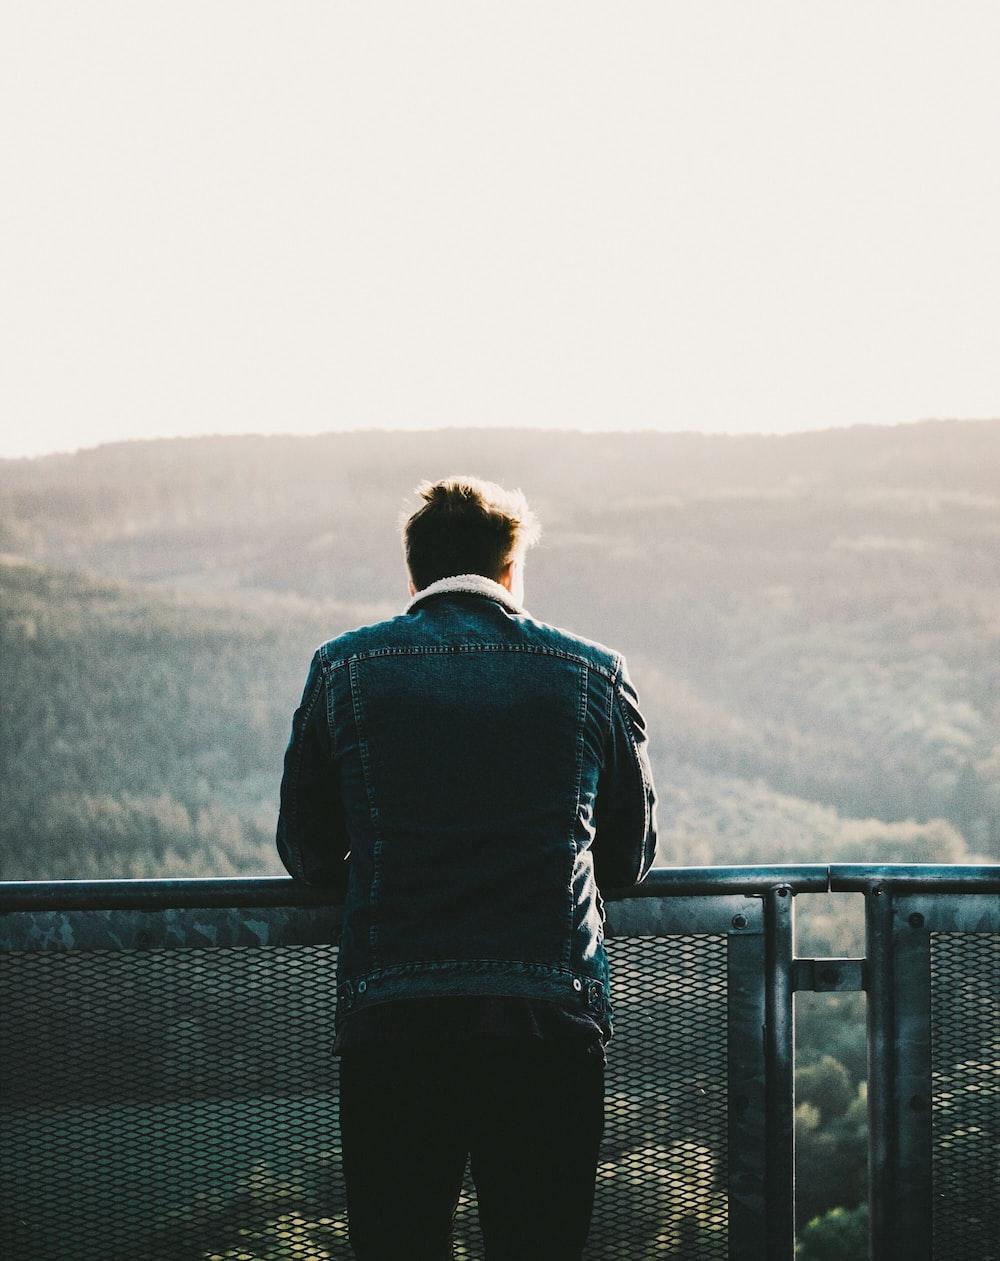 man in green jacket looking at horizon during daytime